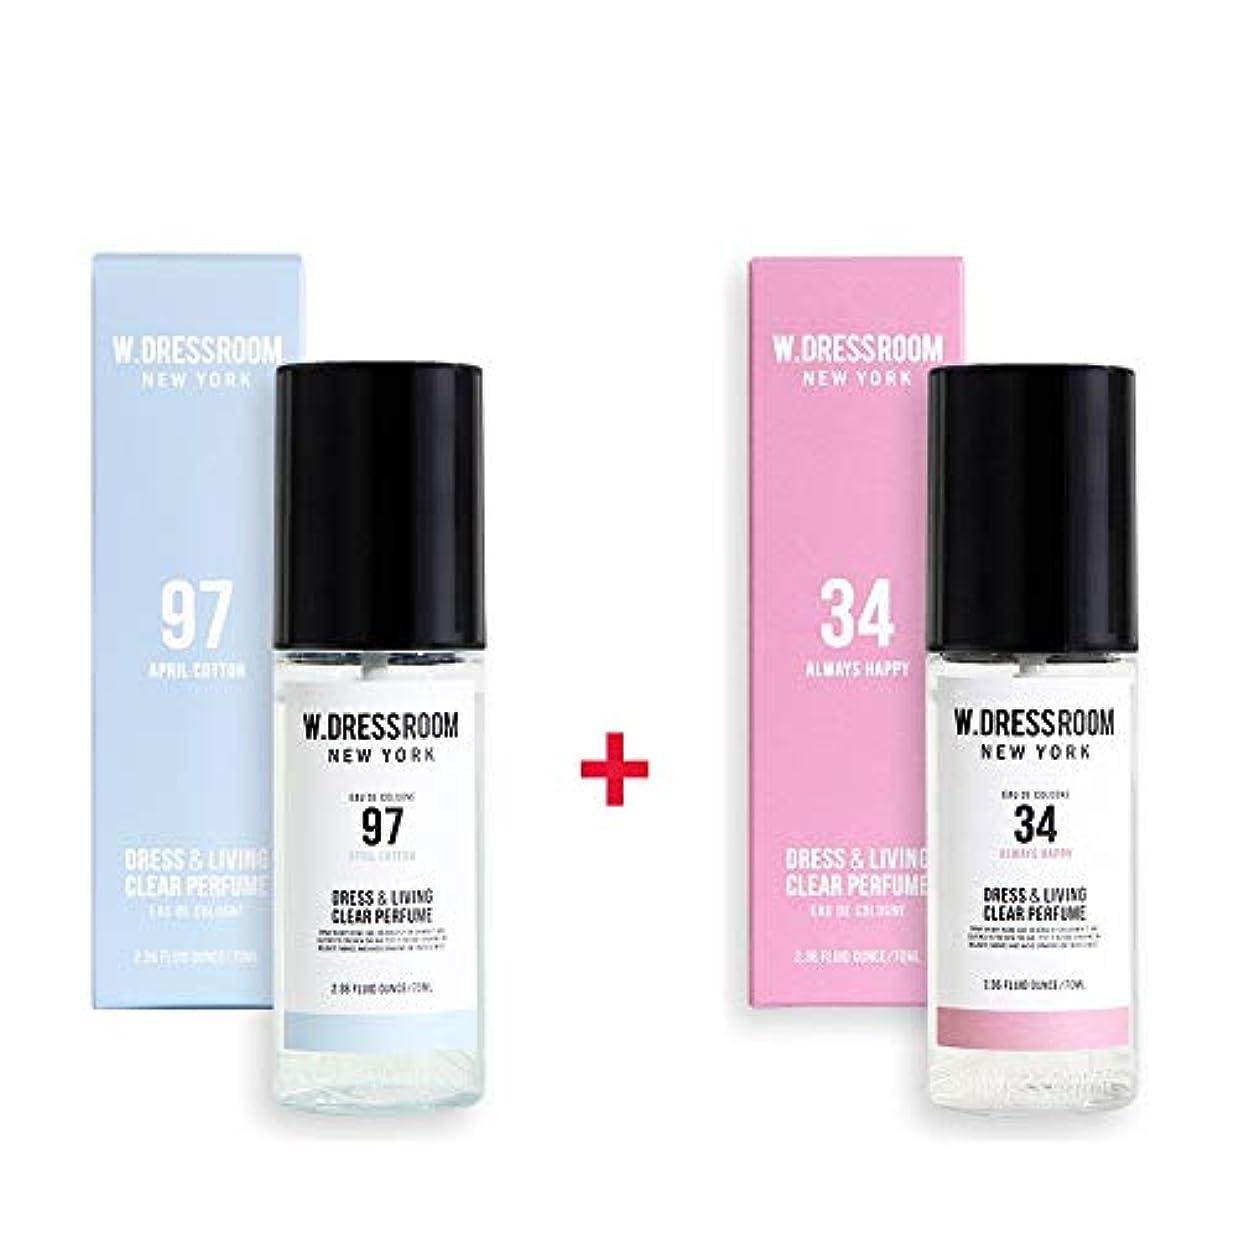 足流出立証するW.DRESSROOM Dress & Living Clear Perfume 70ml (No 97 April Cotton)+(No 34 Always Happy)